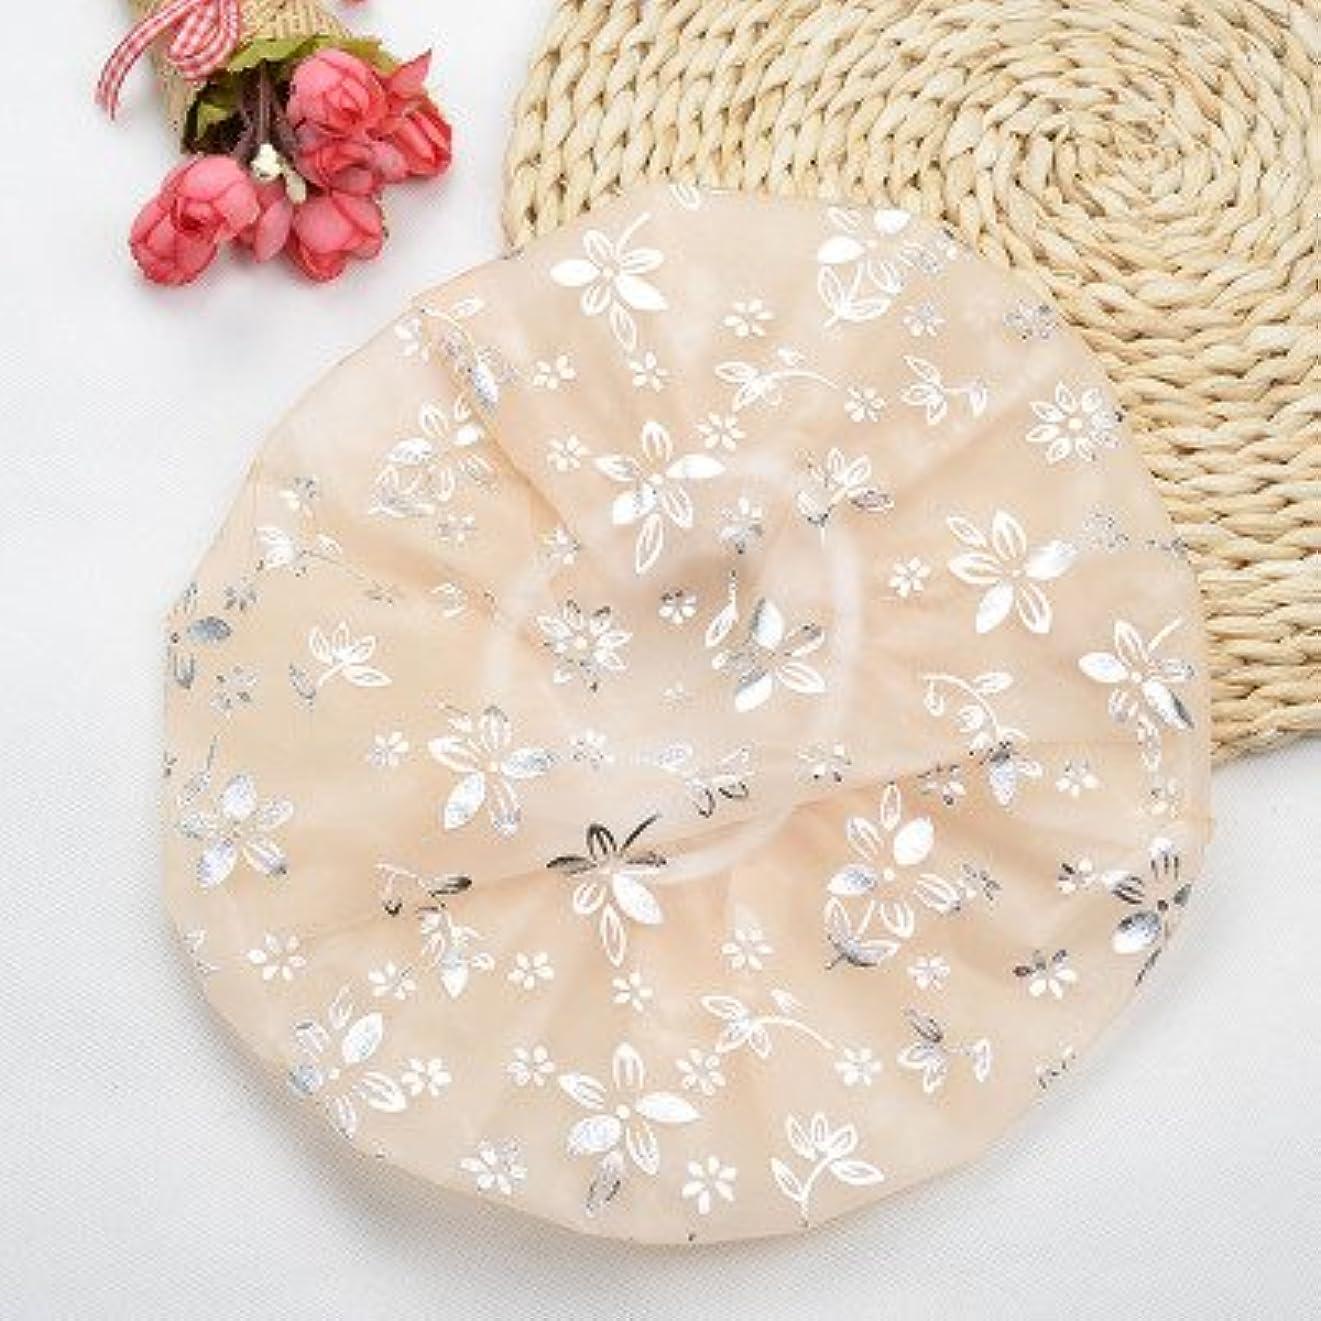 Maltose 防水シャワーキャップ 弾性 入浴キャップ帽子 シャワー用に ヘアキャップ ヘアーターバン 再使用可能 浴びる 便利 2枚セット